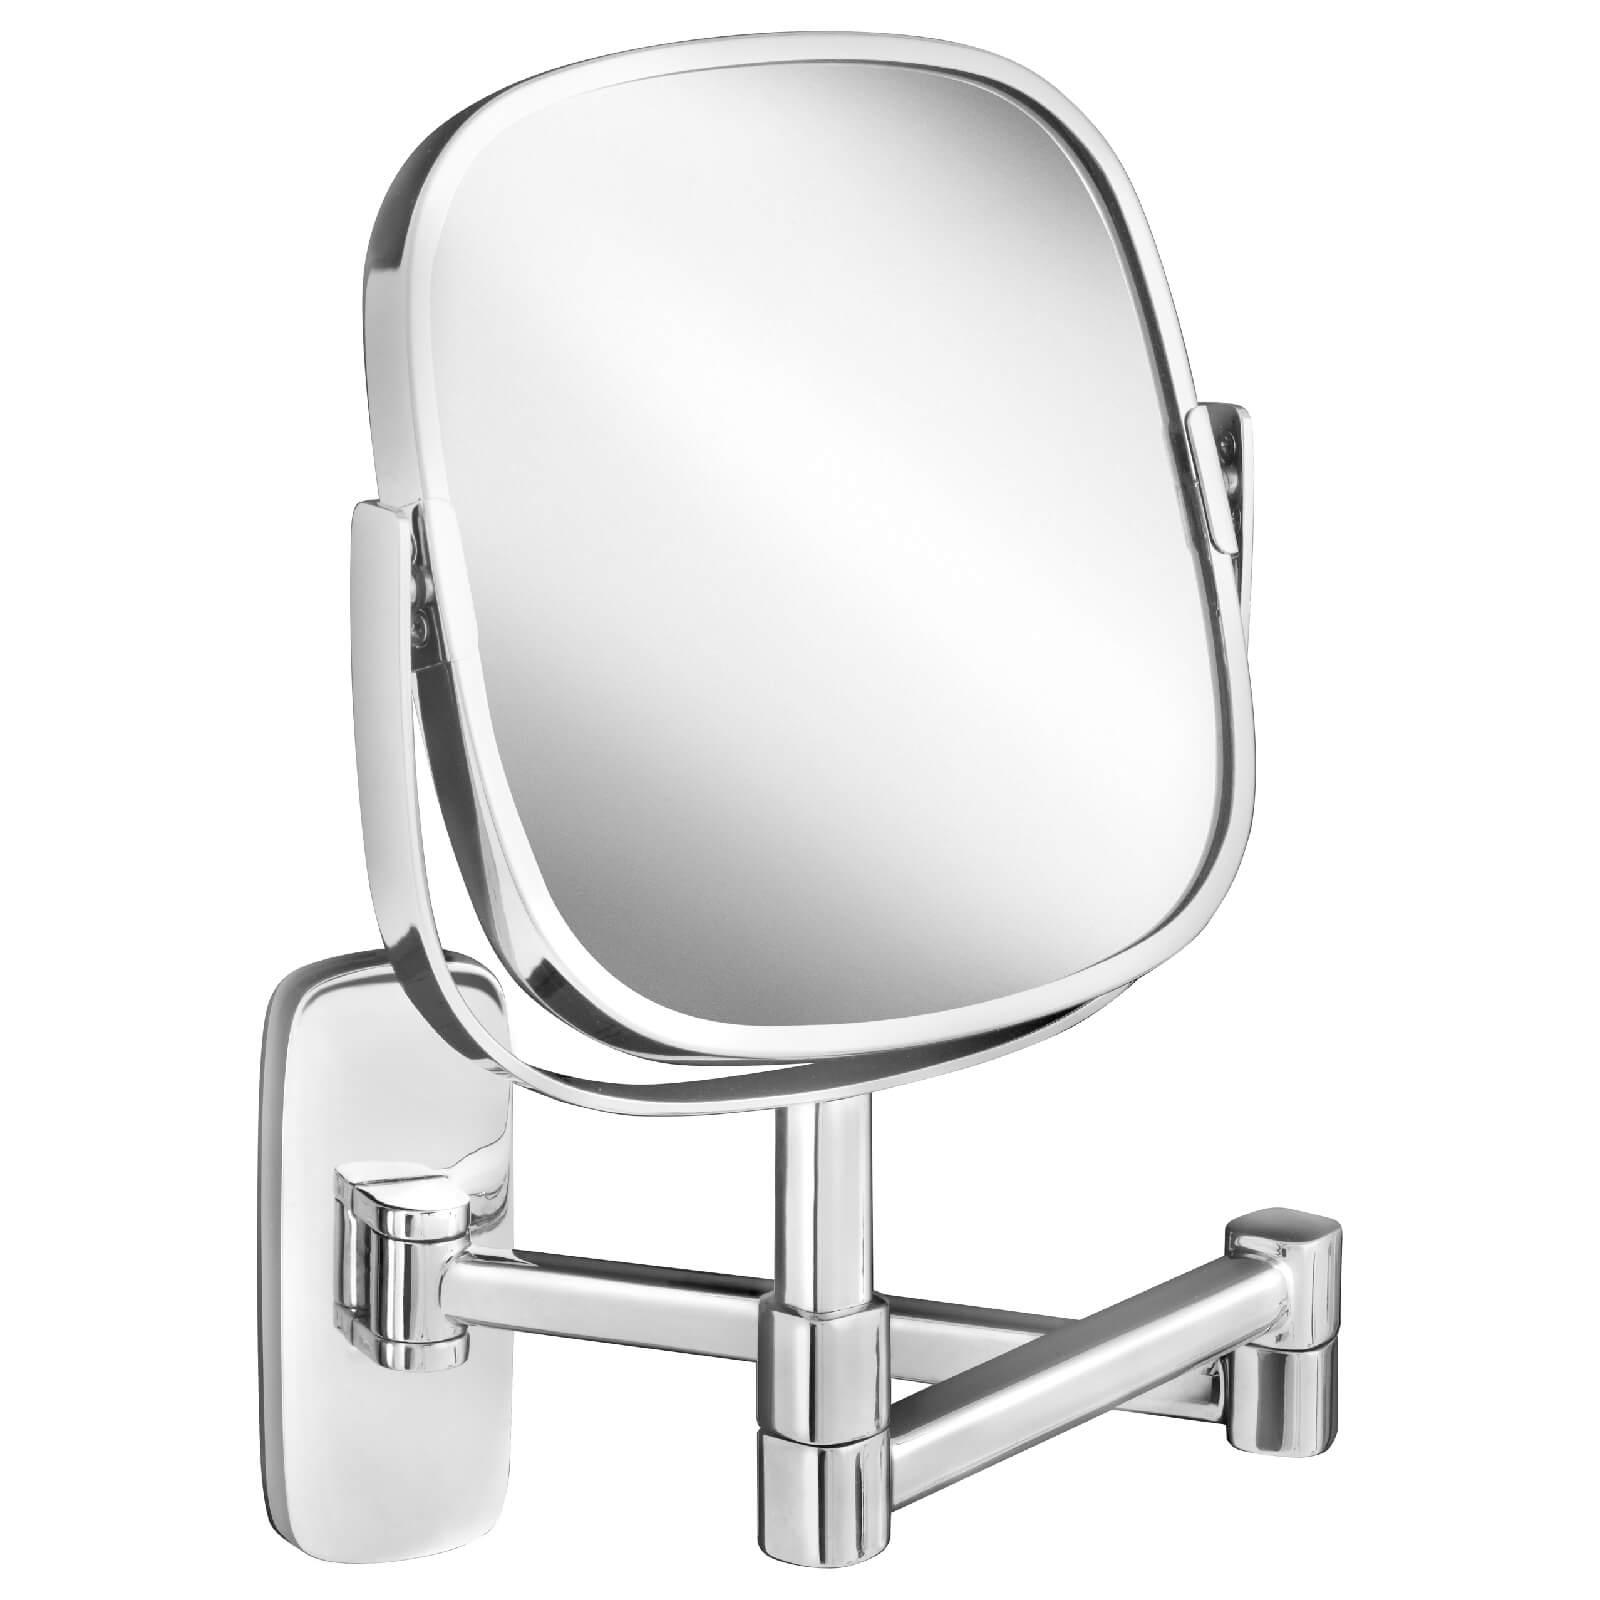 Robert Welch Burford Extending Mirror